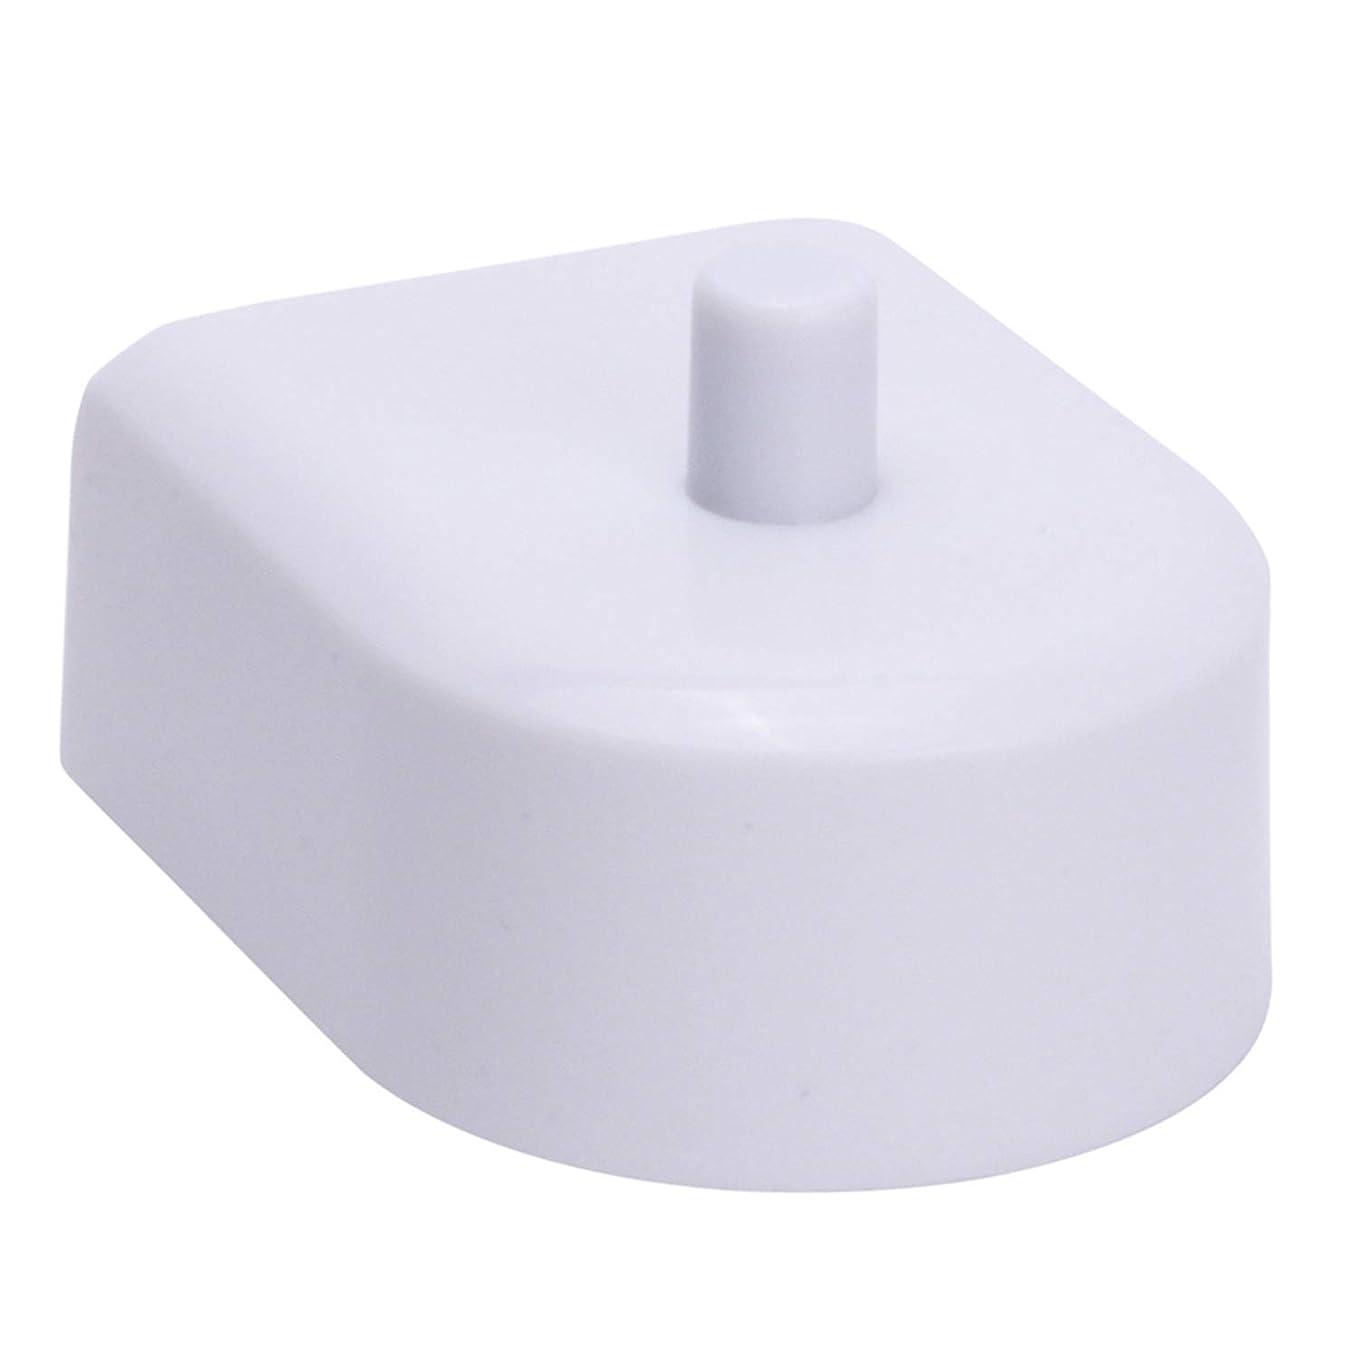 新鮮な周波数舌なTamkyo 電動歯ブラシ充電器充電クレードル電動歯ブラシヘッドホルダーUSB充電器 OralB D12 D20 D17 D18 D29 D34 Oc18用